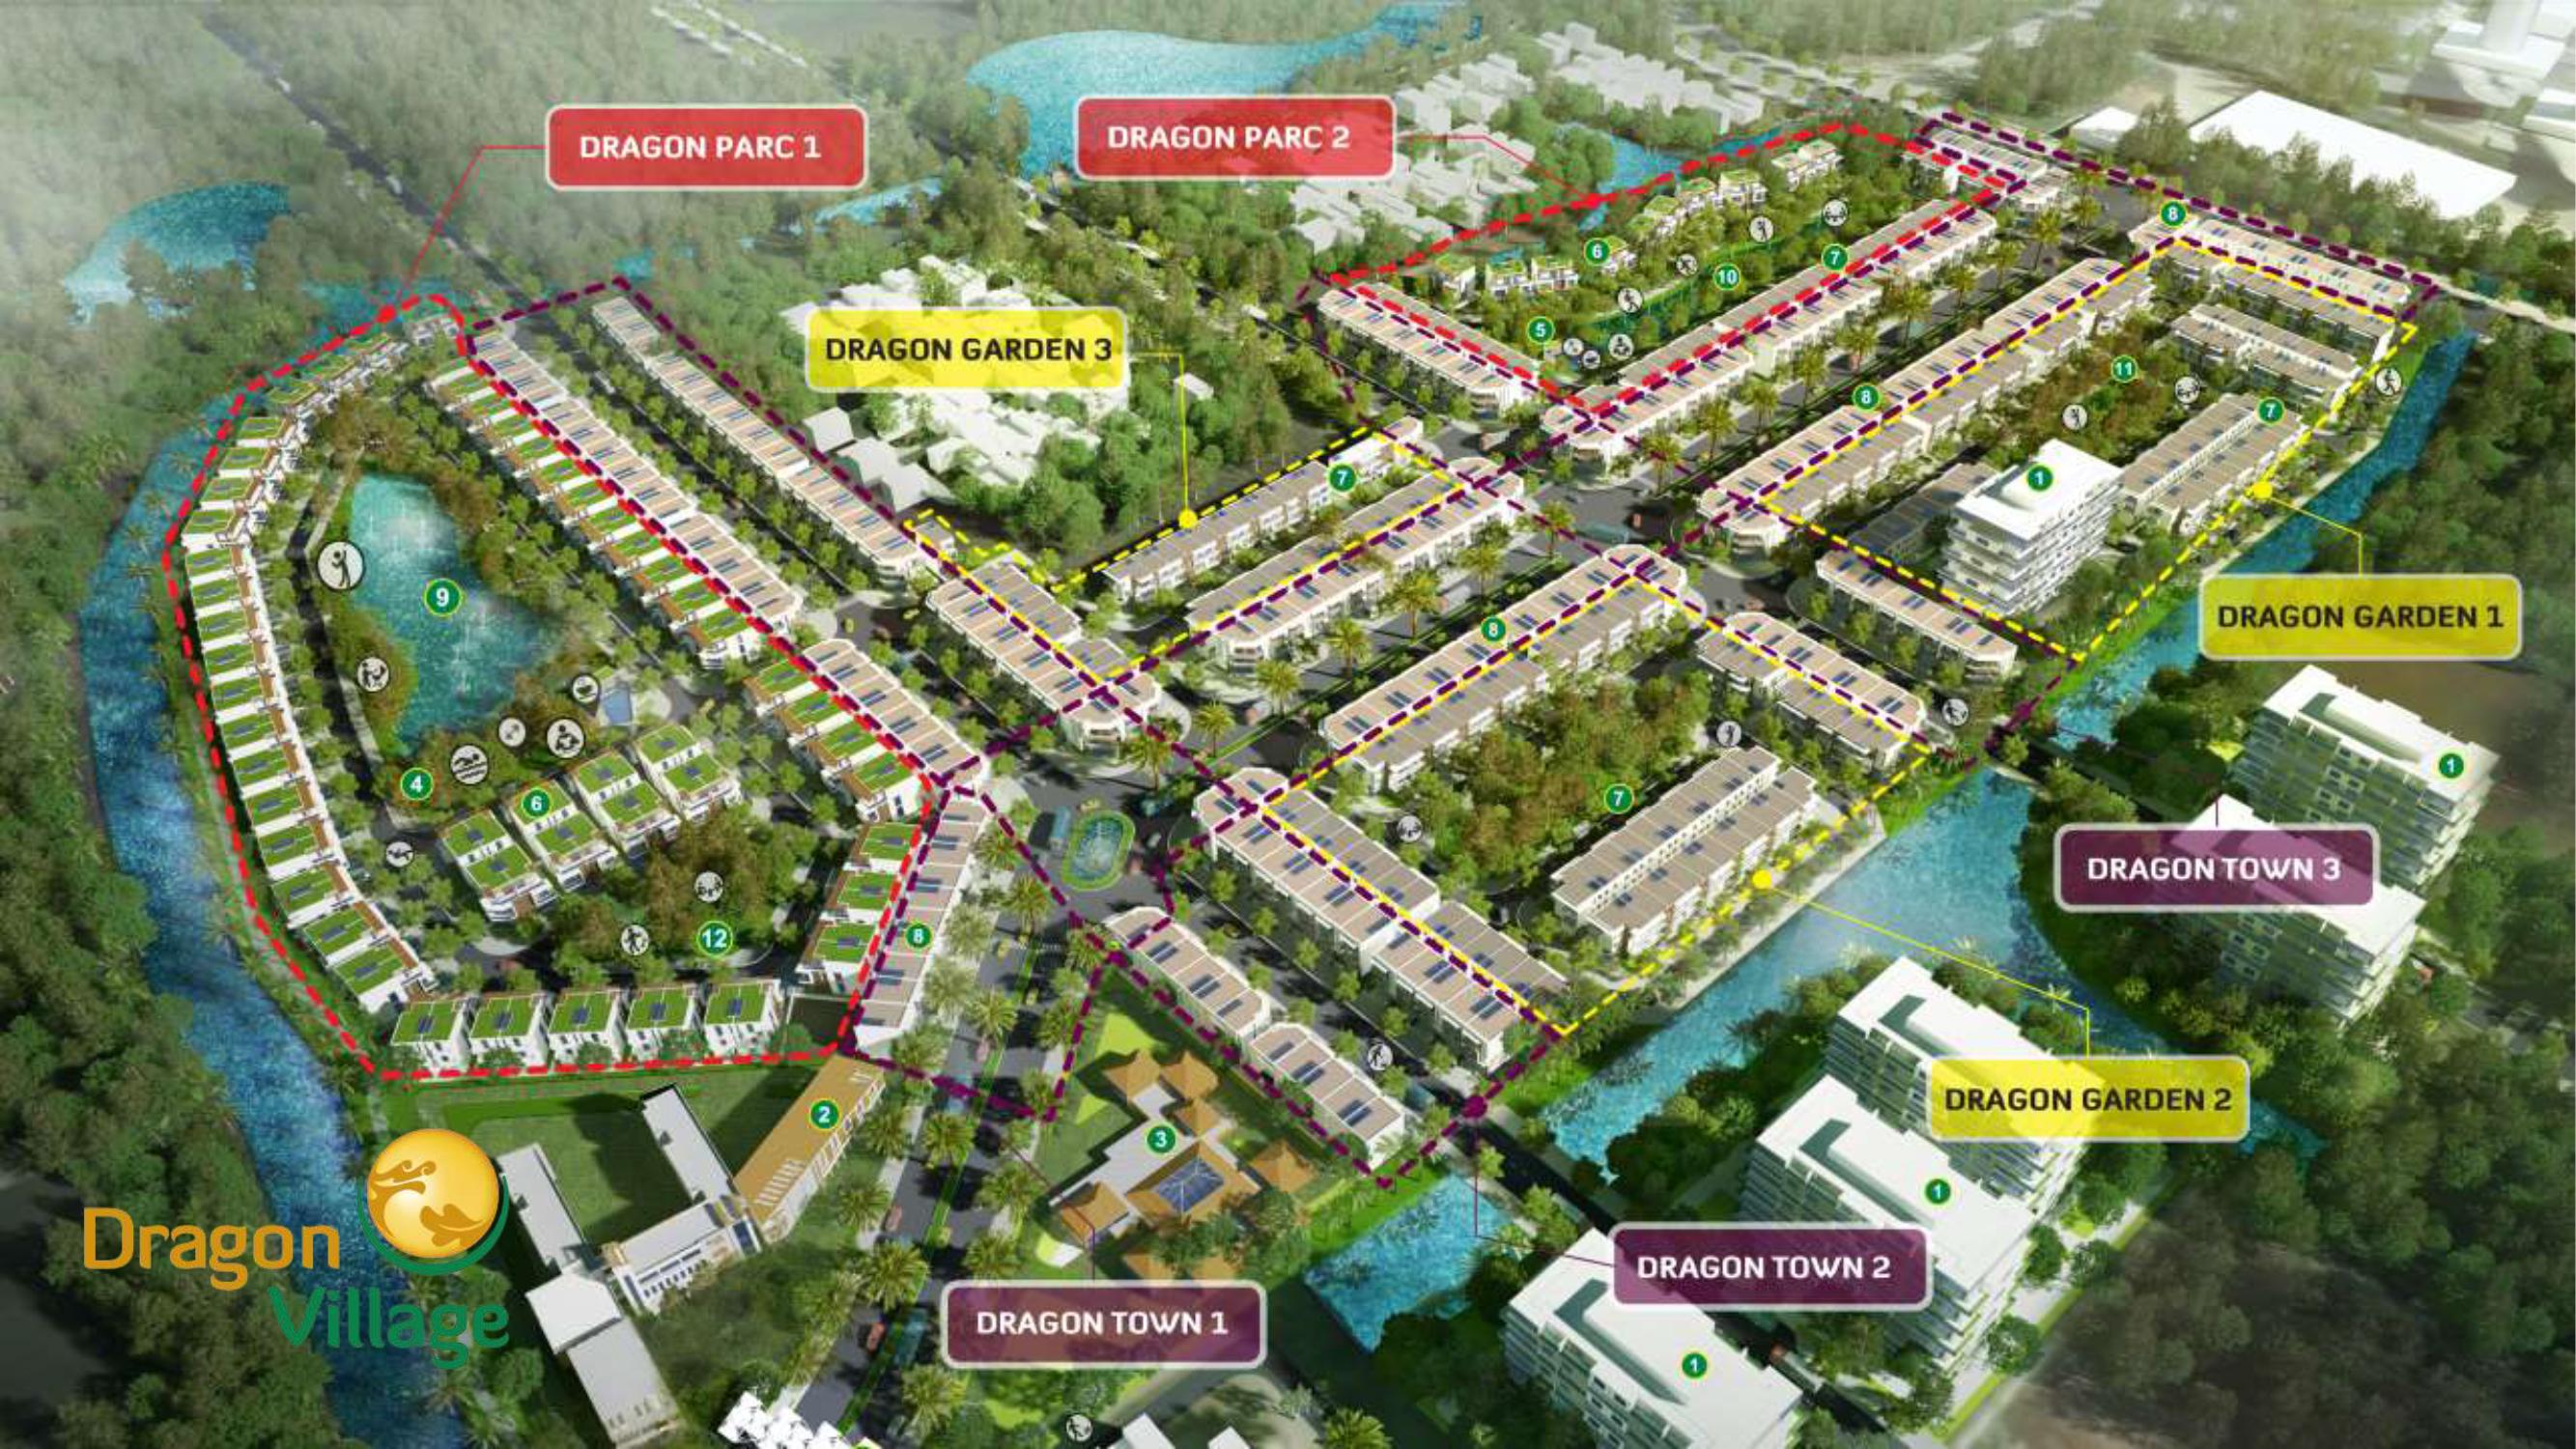 tong thể dự án dragon village quận 9